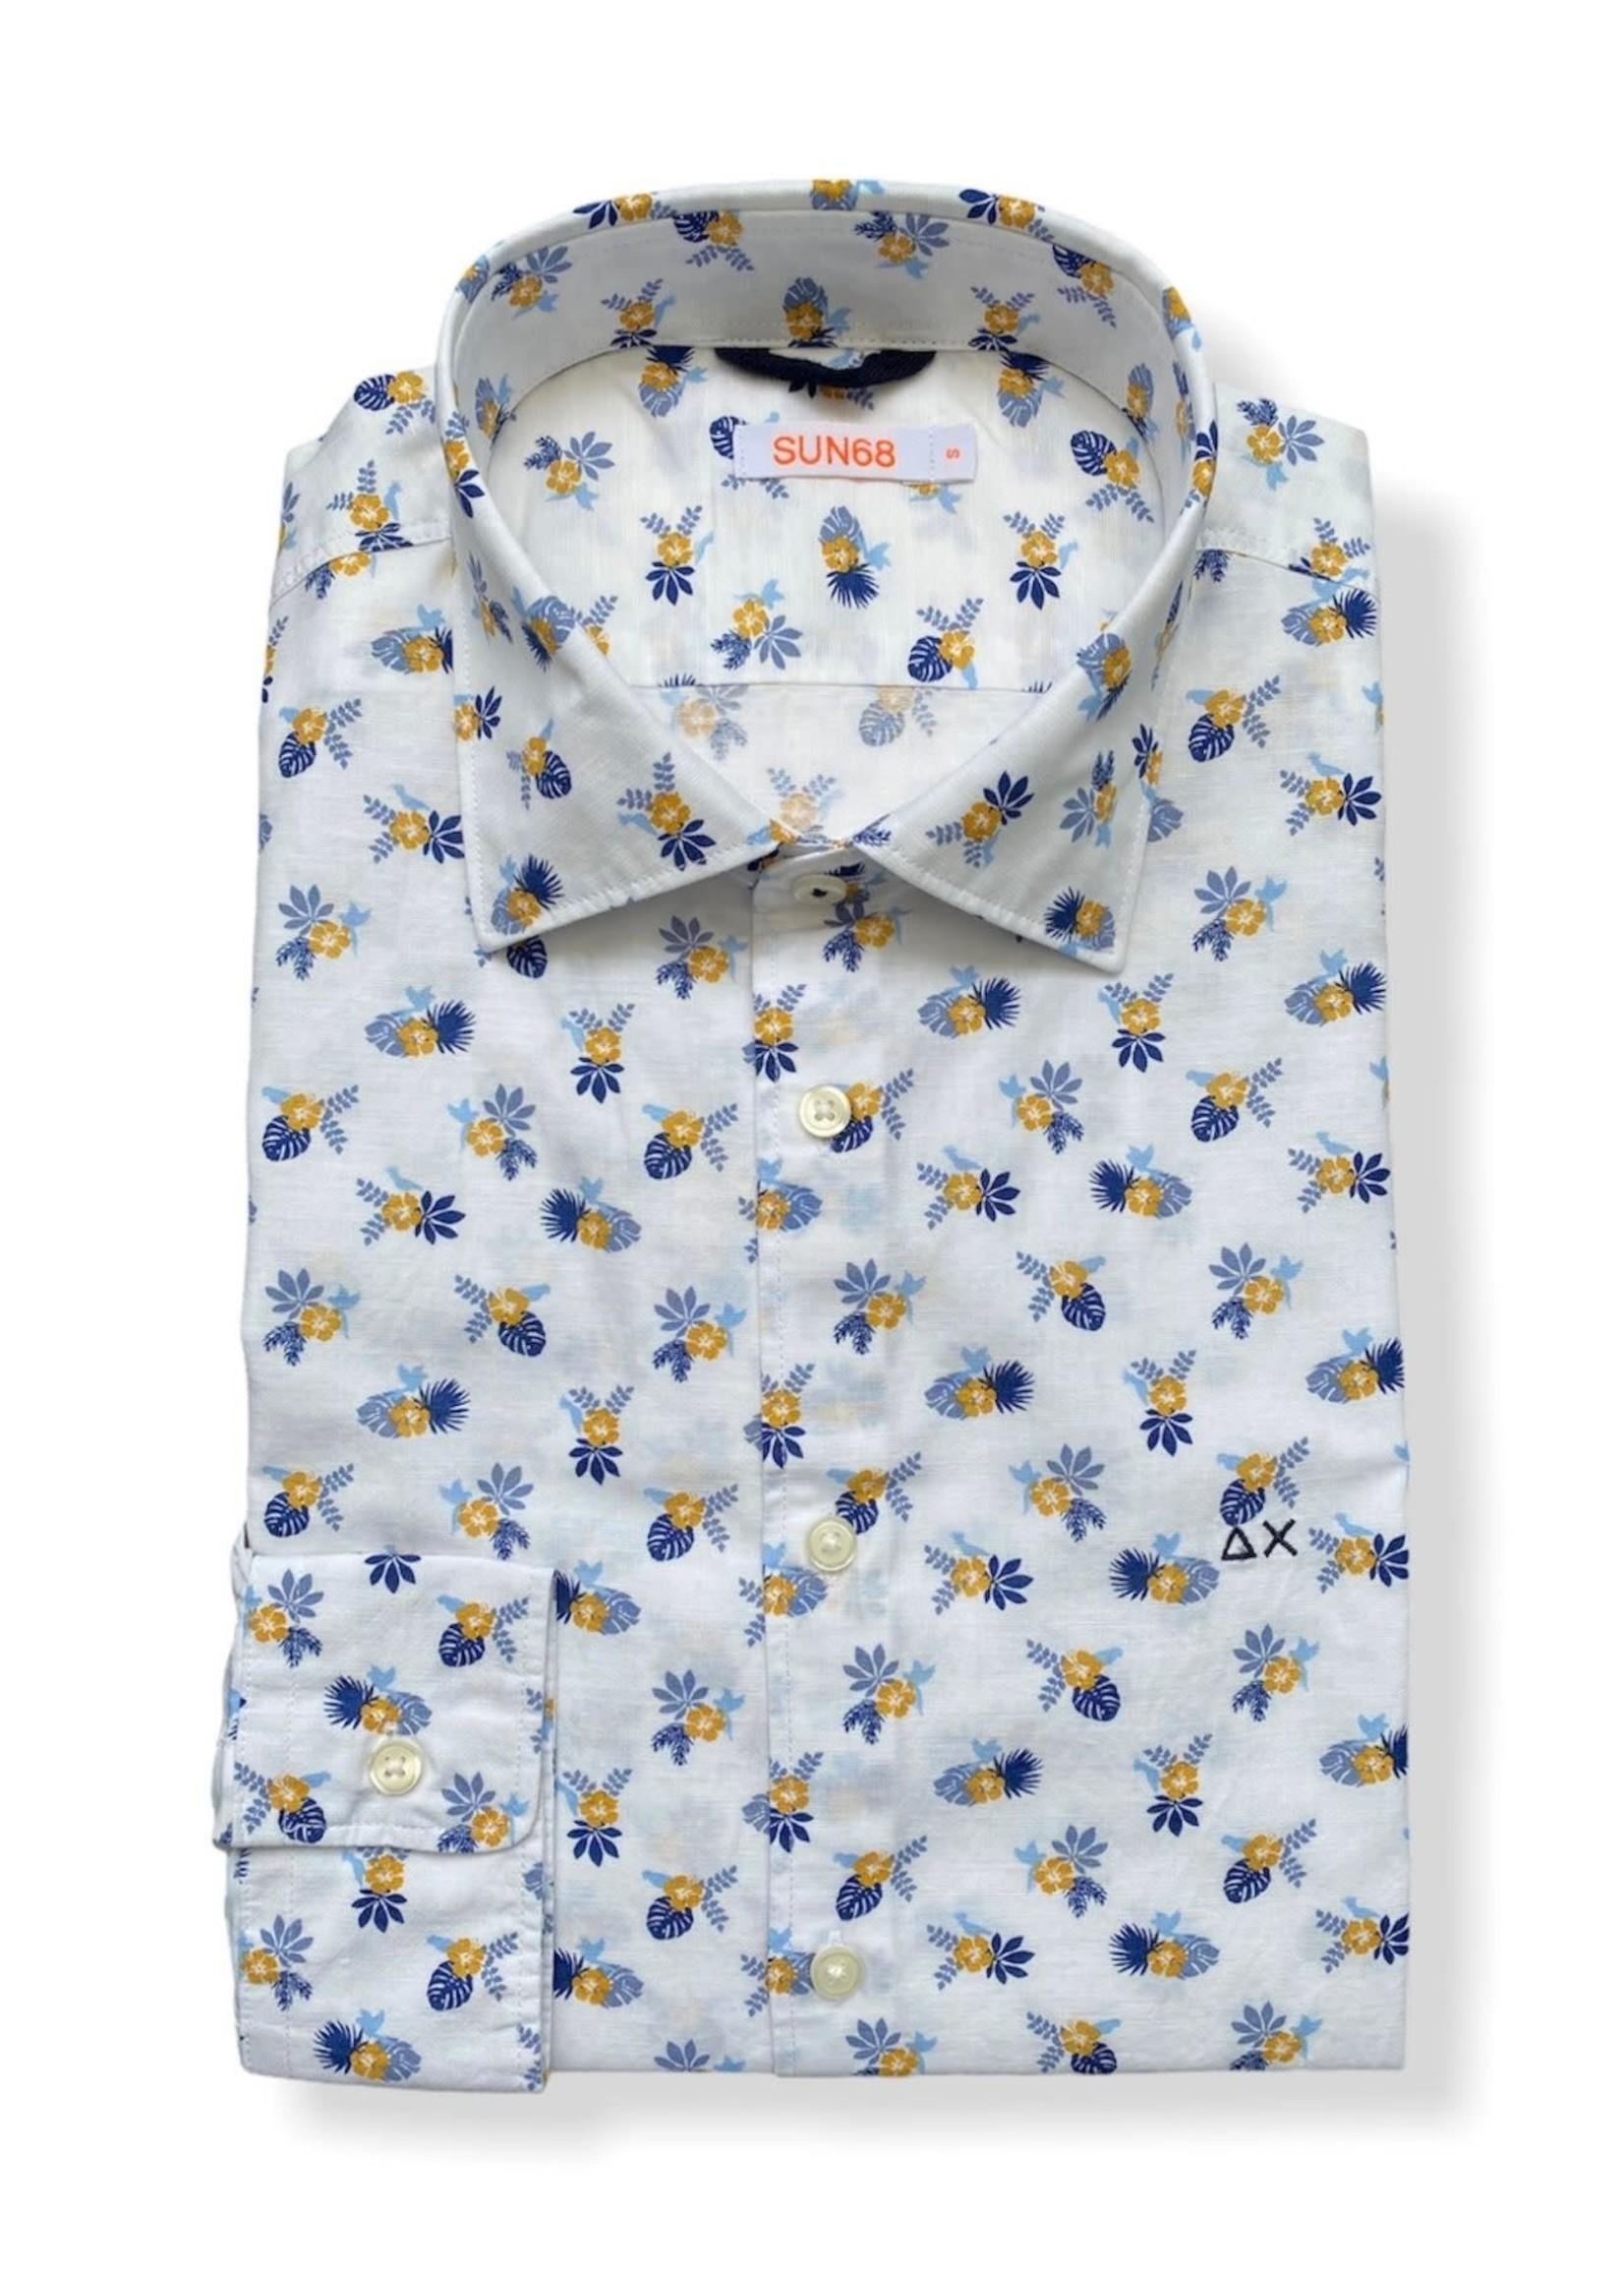 SUN68 Floral printed shirt | White | SUN68